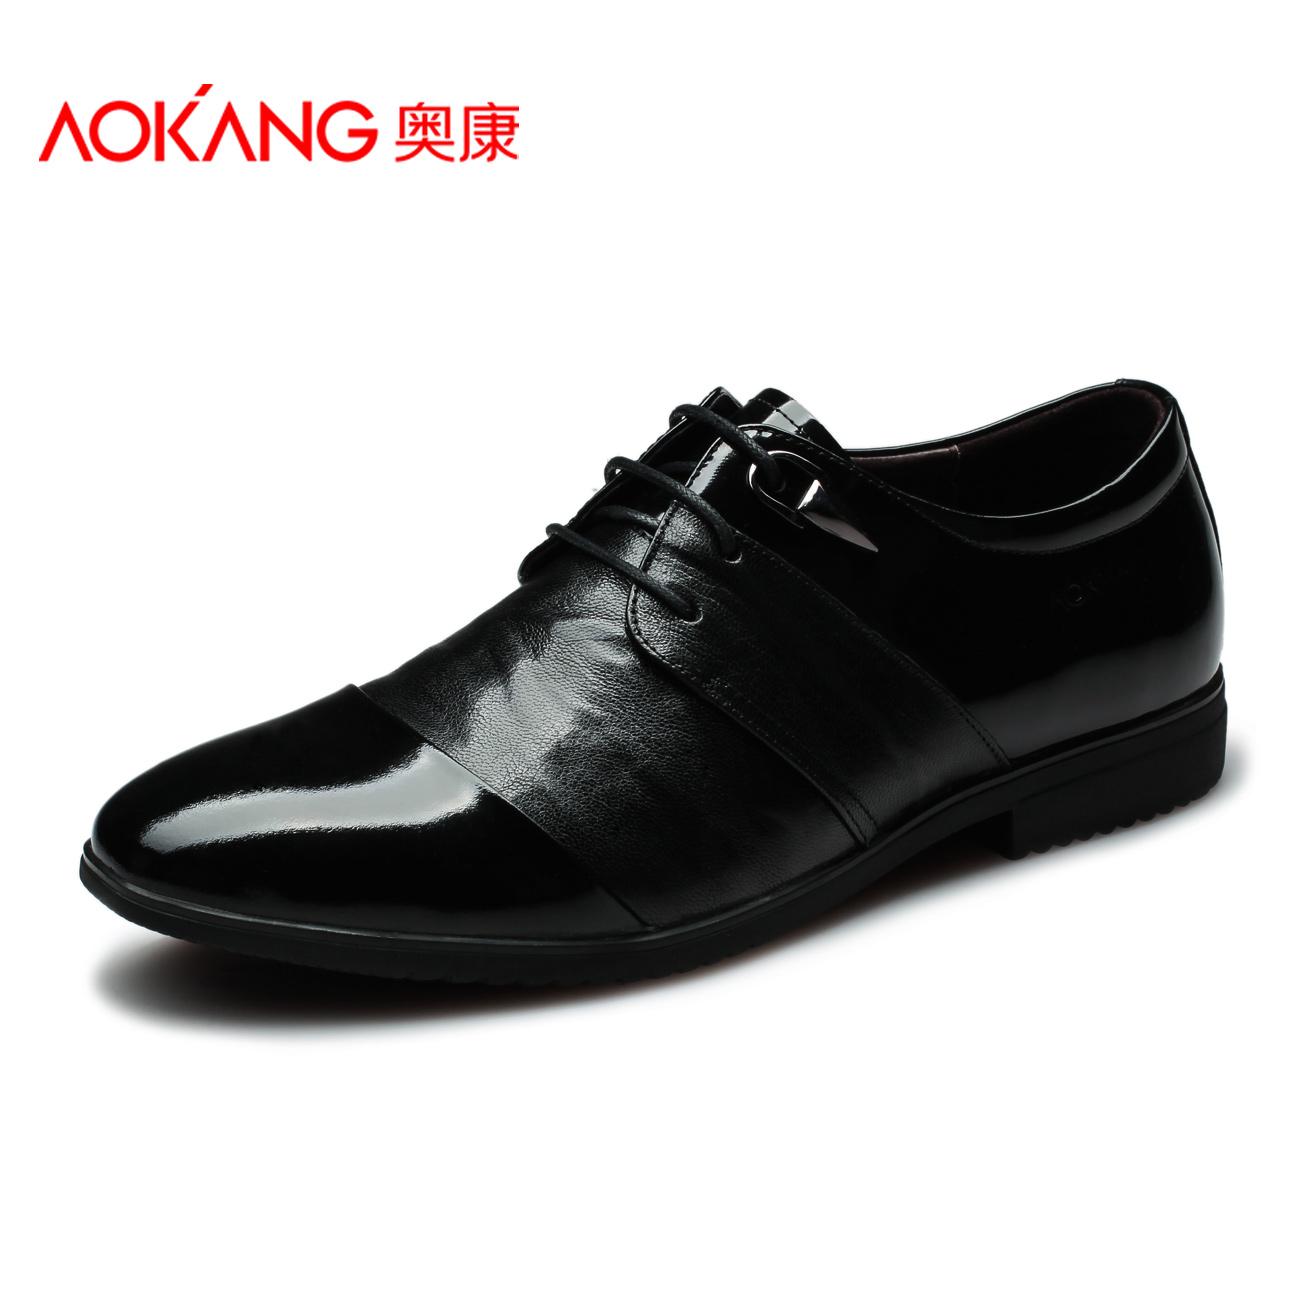 Aokang 2013 мужской кожи дышащий мода шнуровкой формальные лоскутная кожа мужской обуви